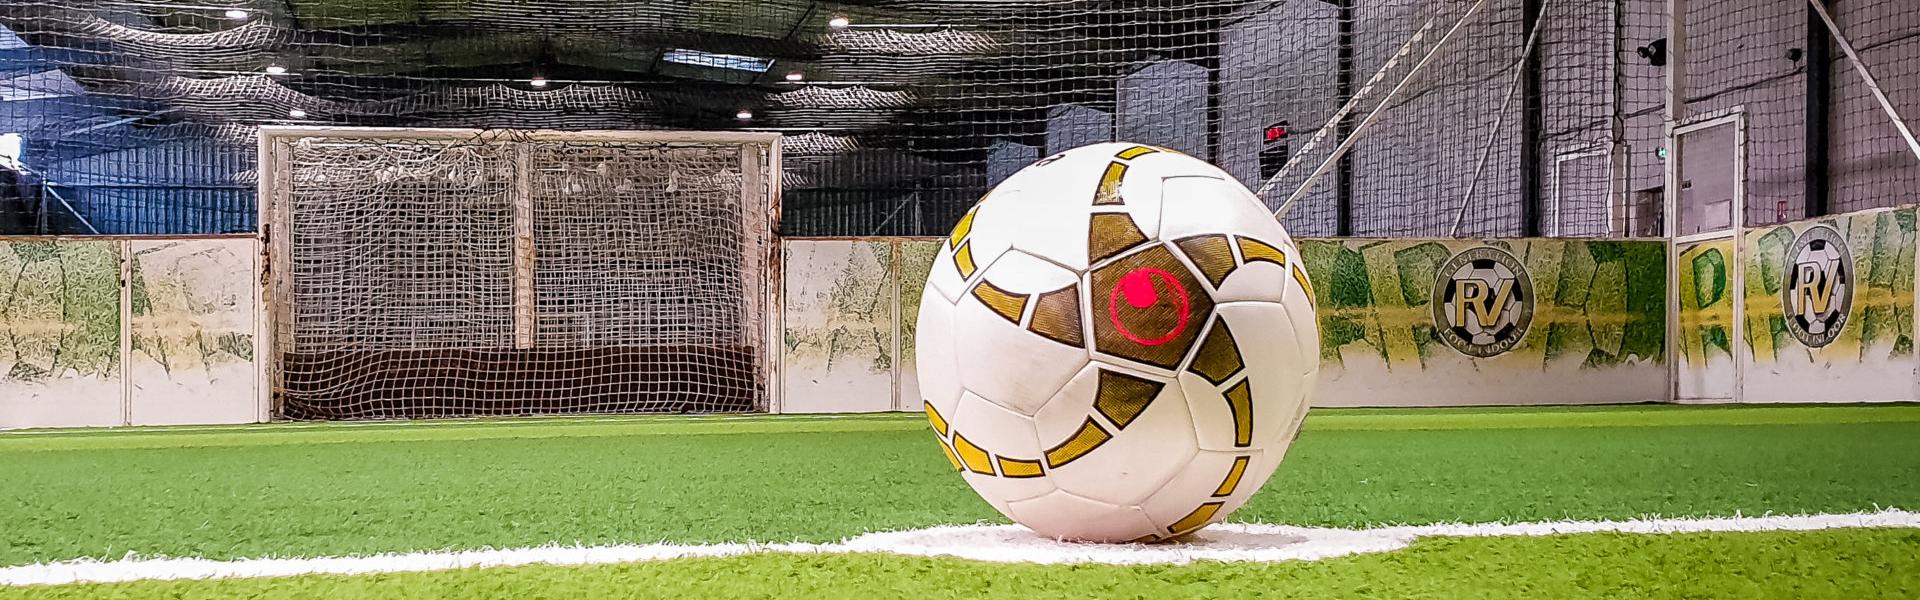 Soccer indoor